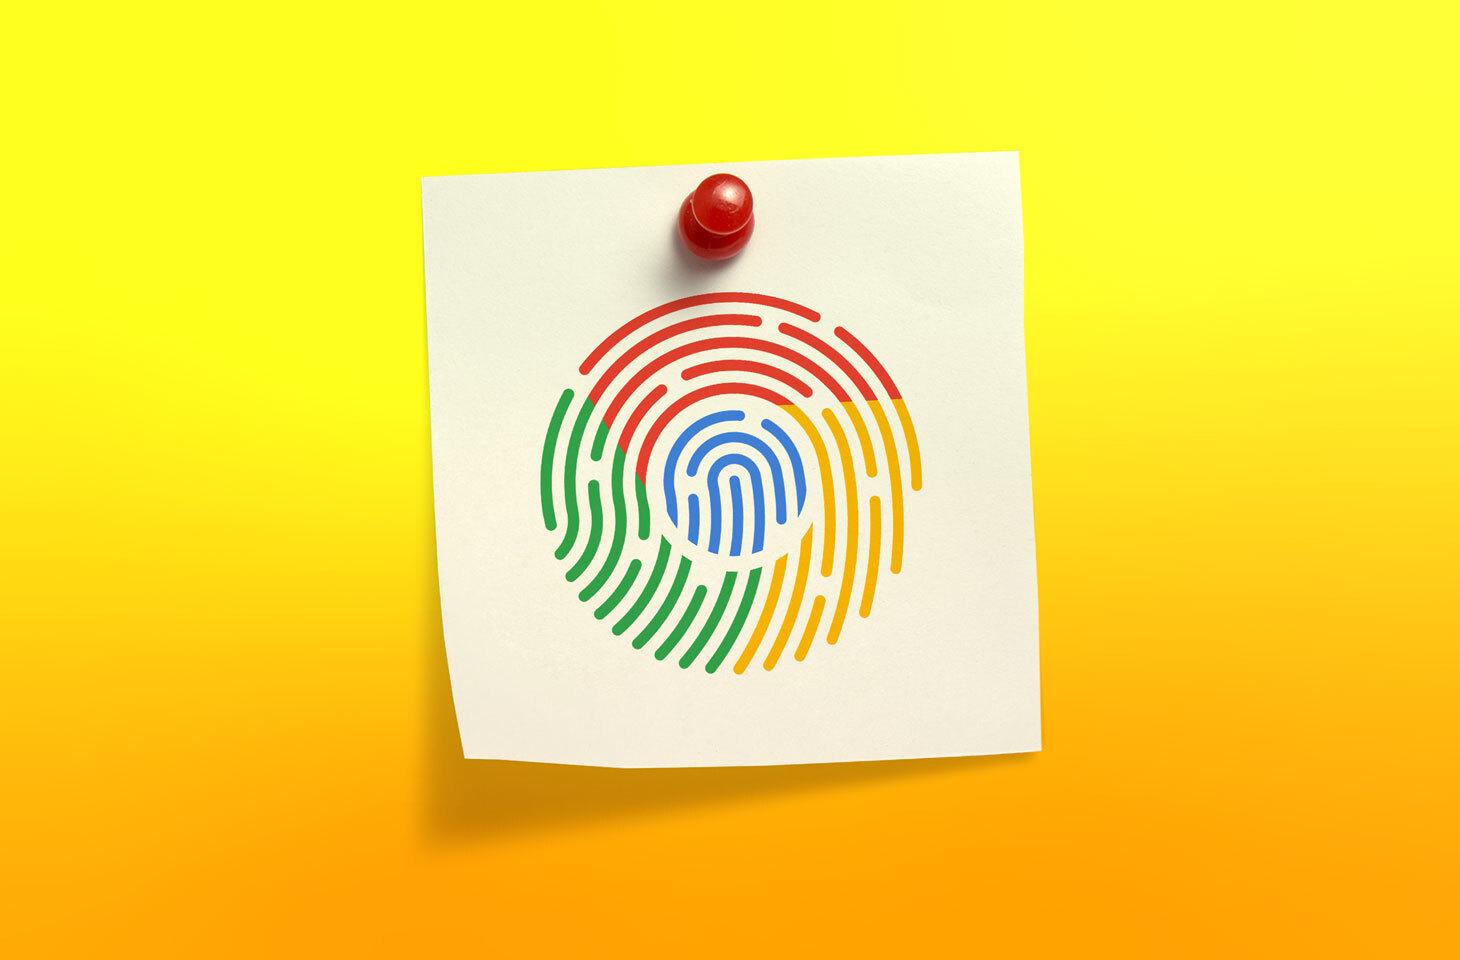 Следи за руками: как понять, когда сайты снимают ваши отпечатки браузера